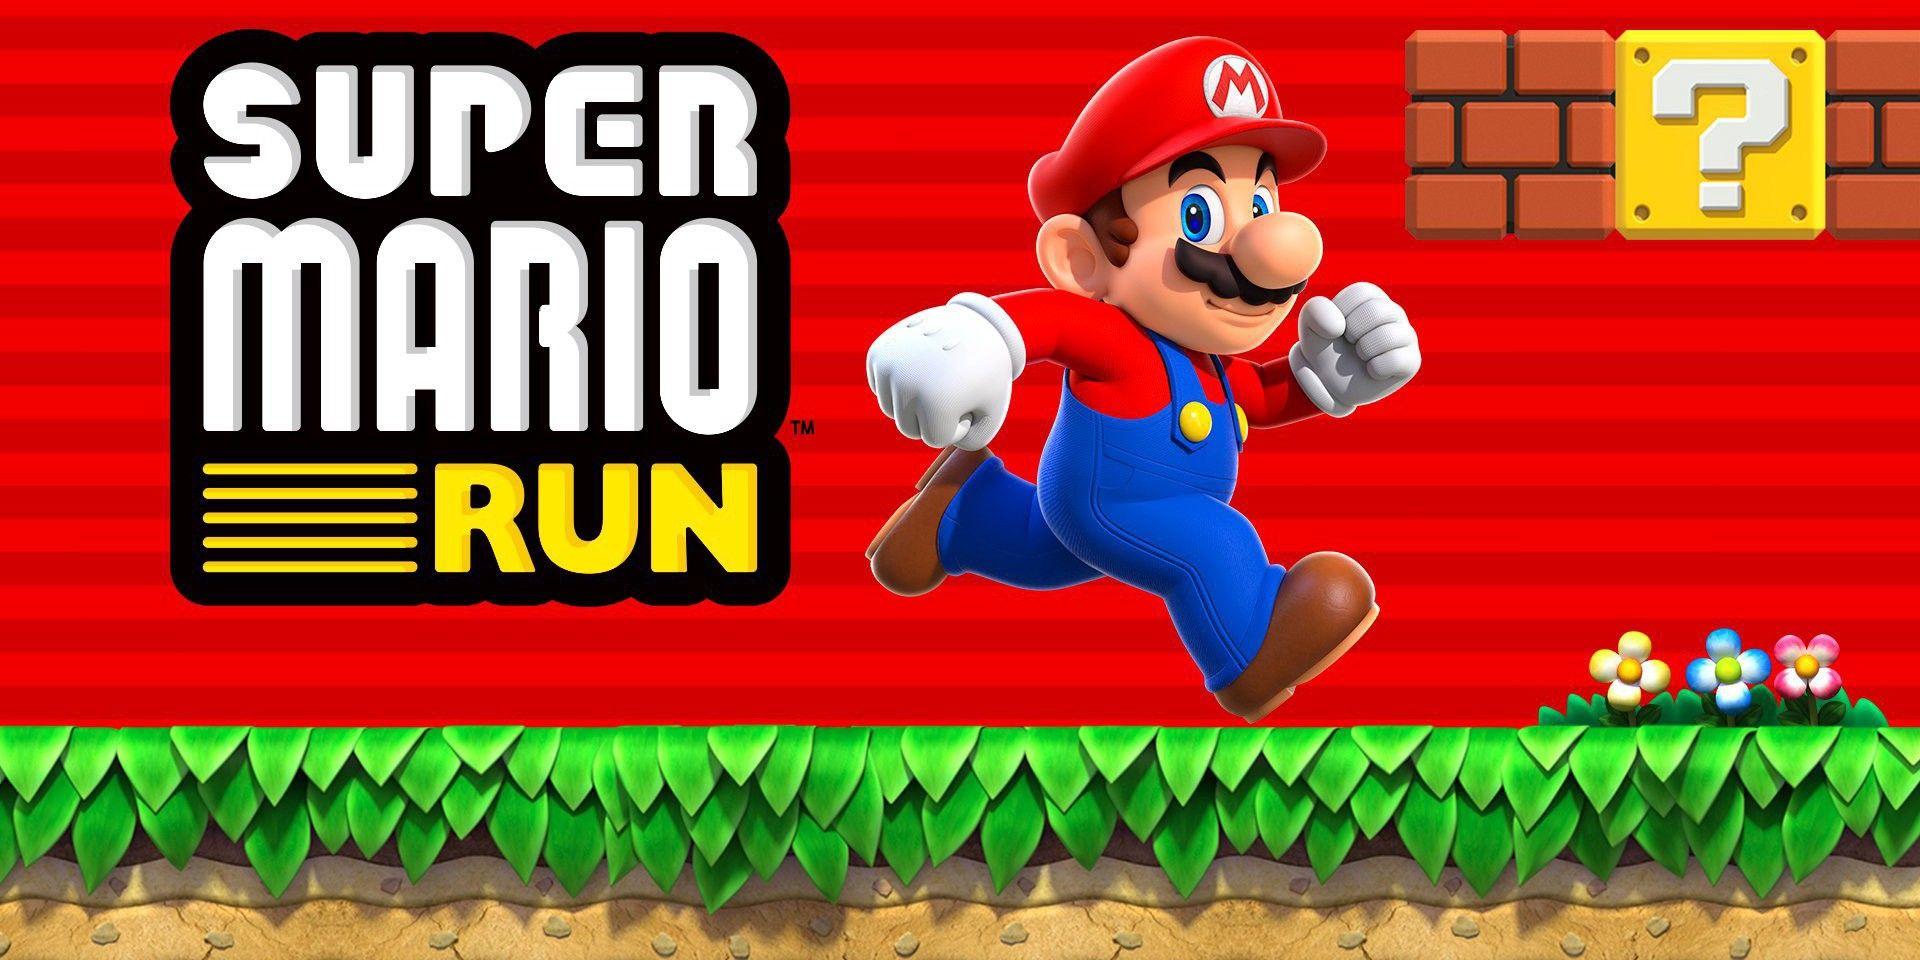 Super Mario Mario Run Super Mario Run Super Mario Run Game